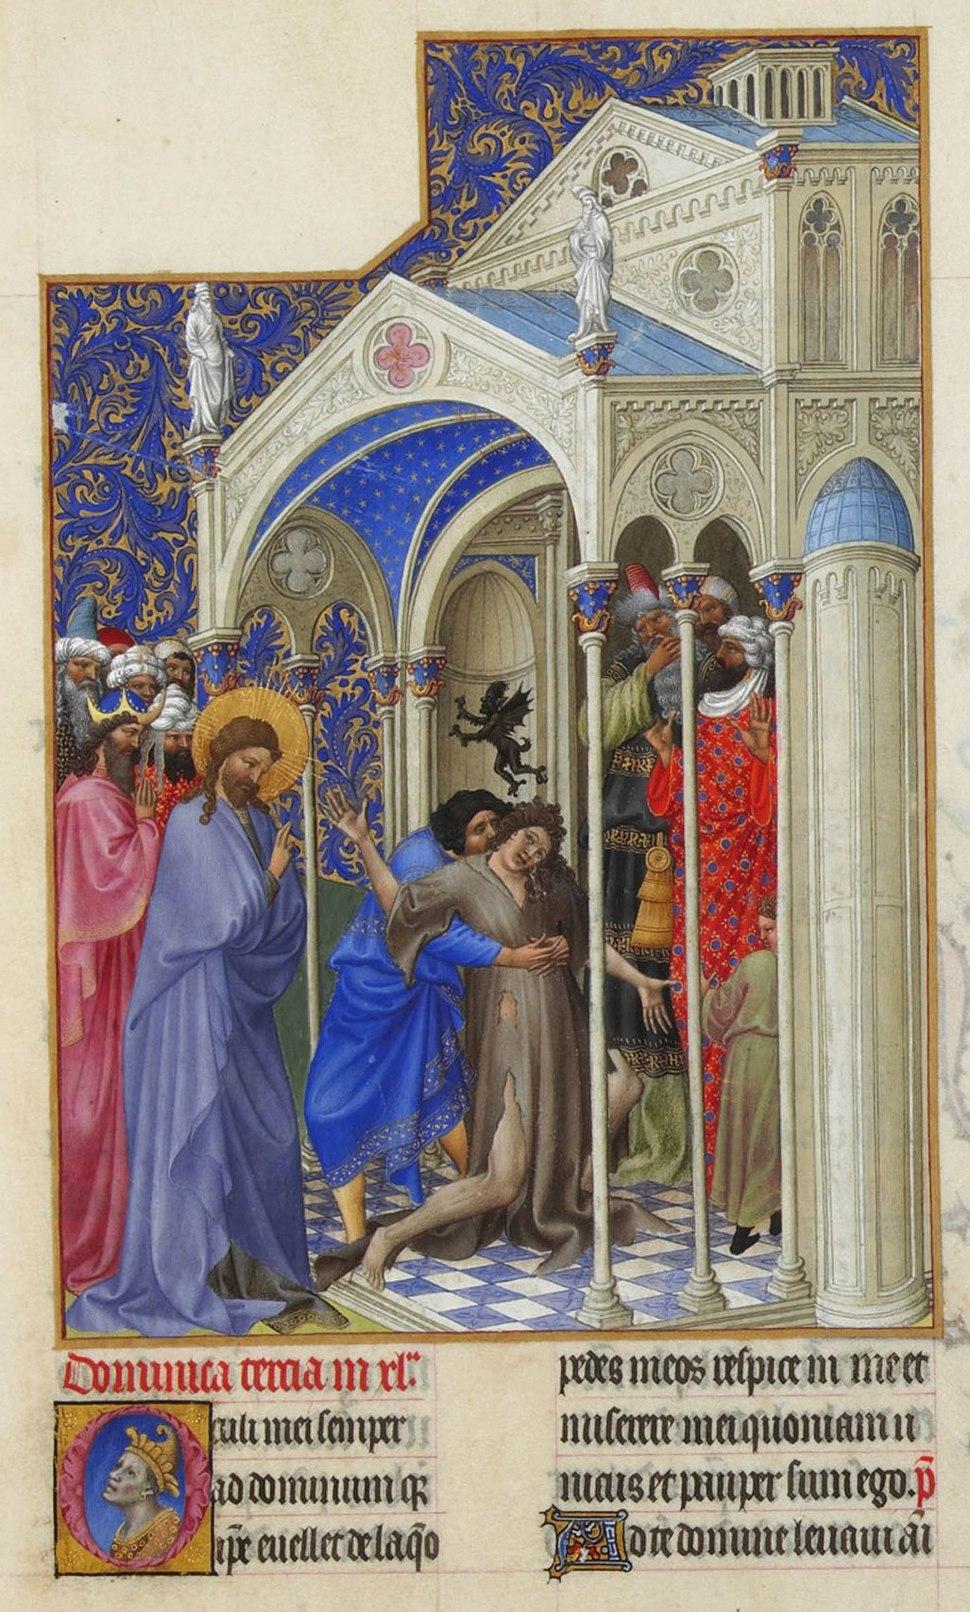 Folio 166r - The Exorcism